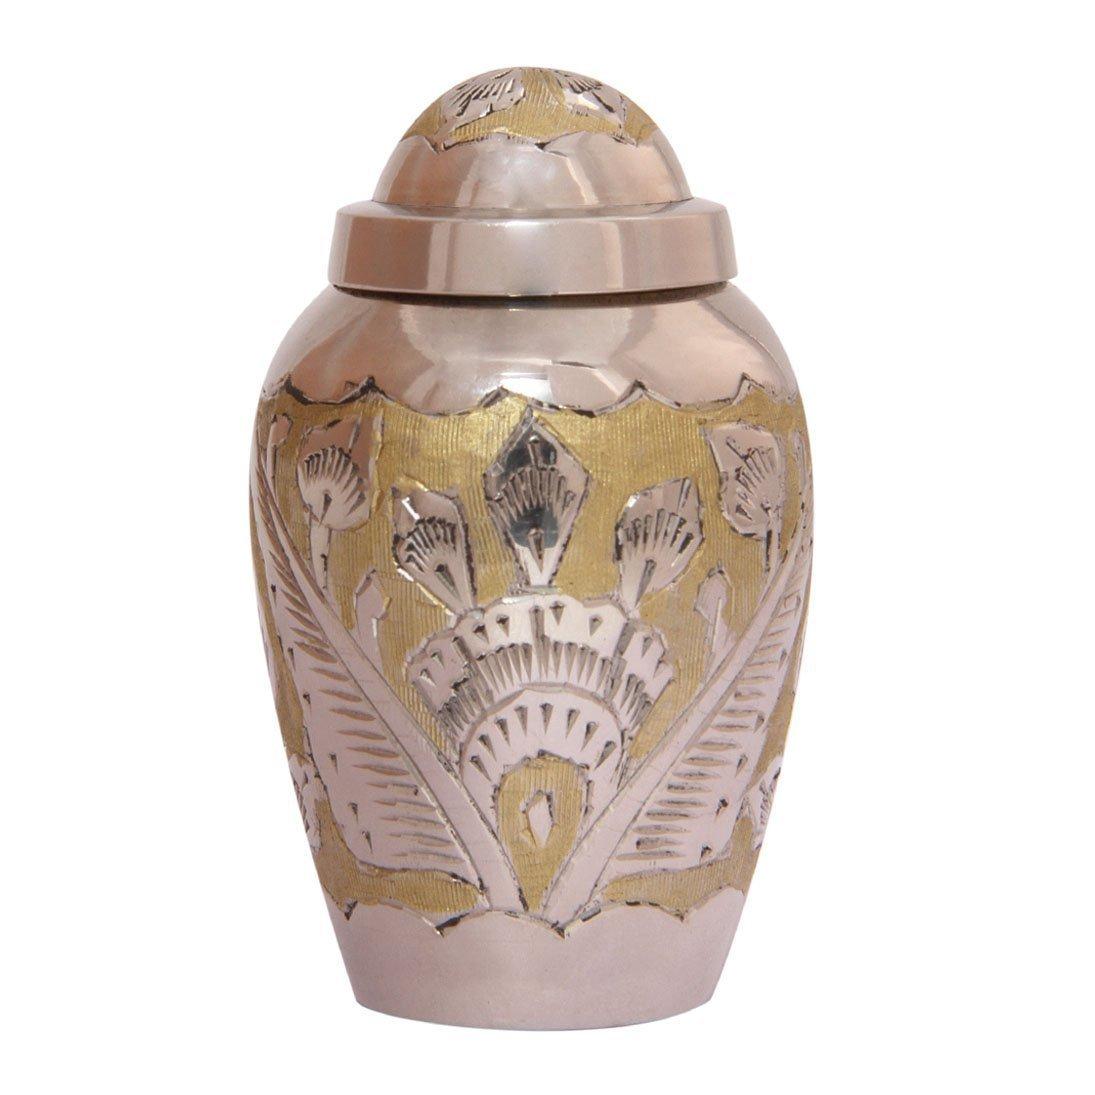 Farnham Devon Small Keepsake Cremation Urn for Ashes, Urns Keepsake, Memorial Urns